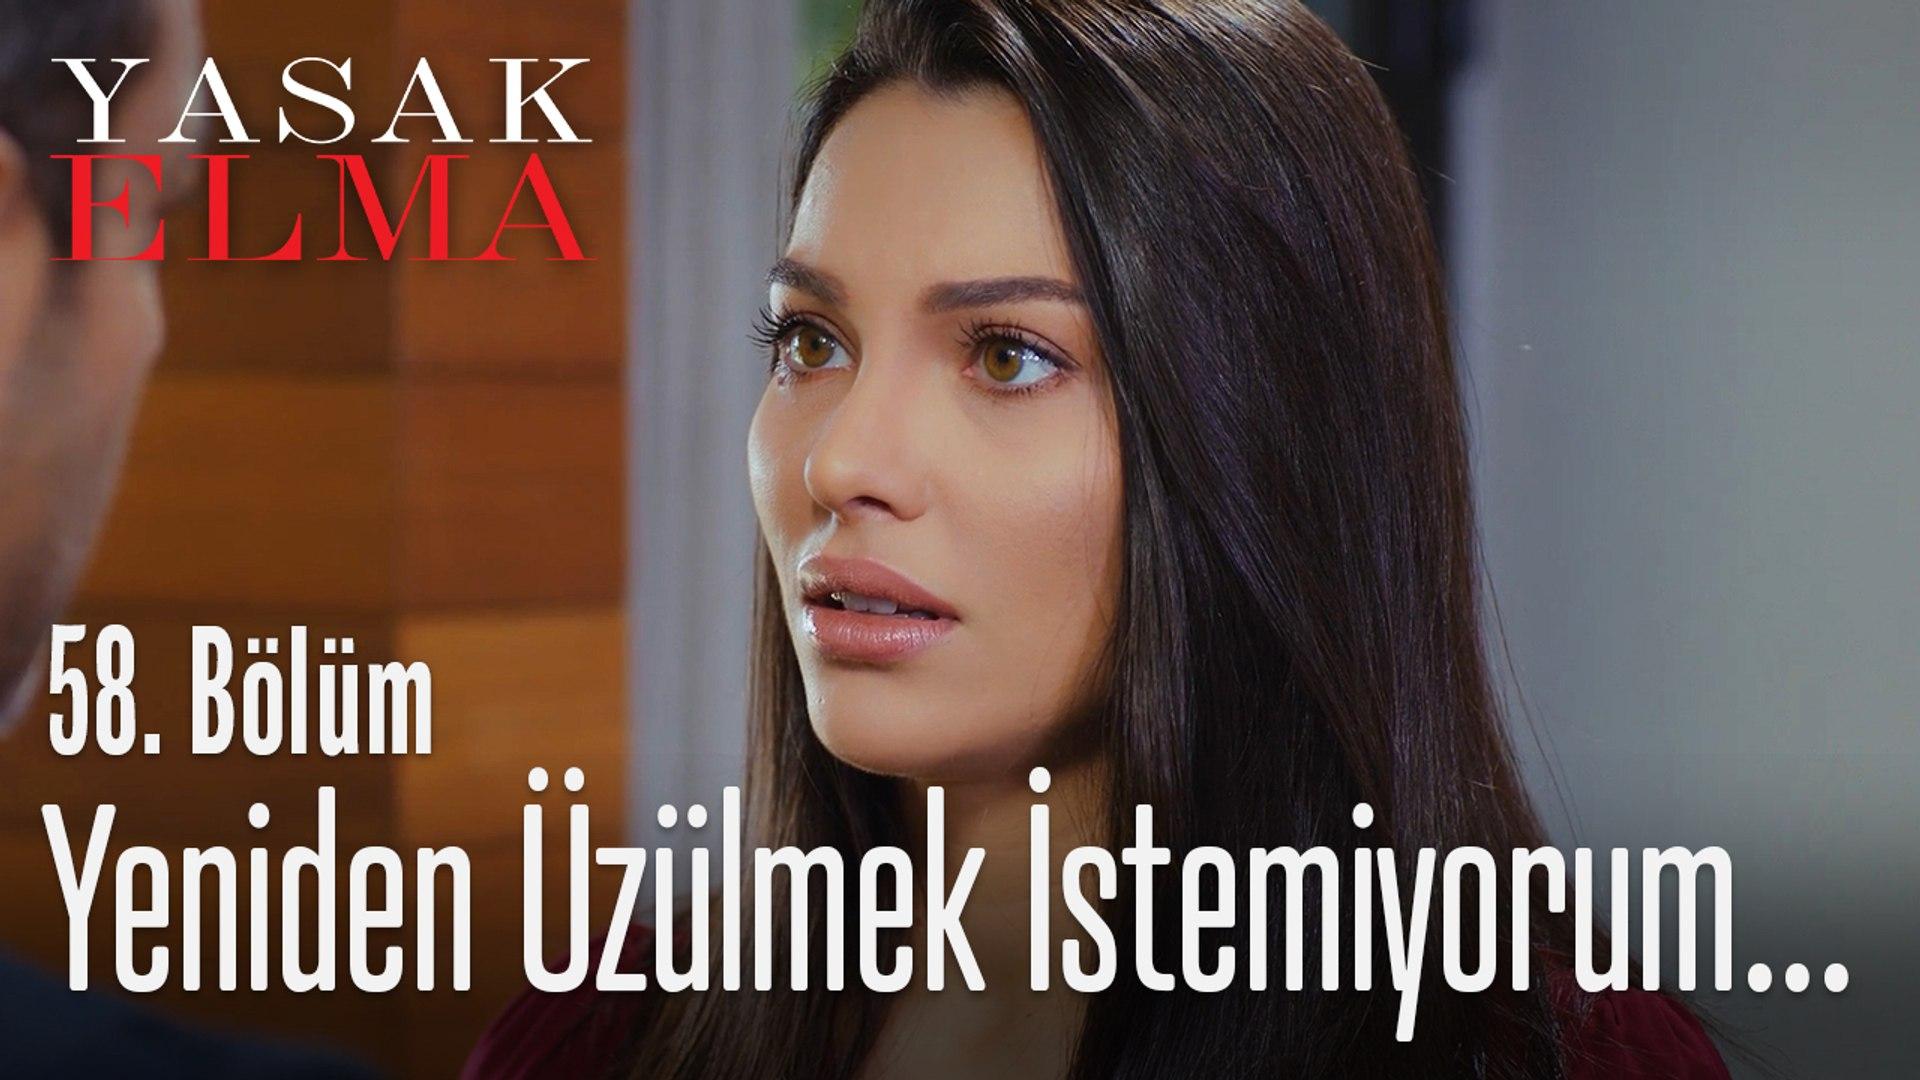 Leyla, Yiğit'i öğrendi! - Yasak Elma 58. Bölüm